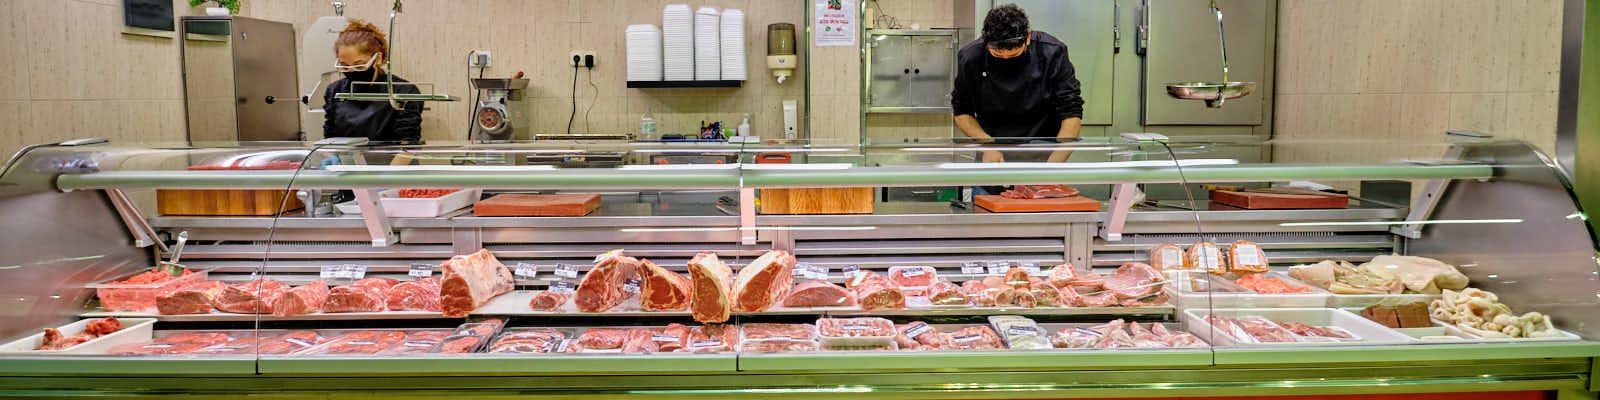 Carnissería Homs